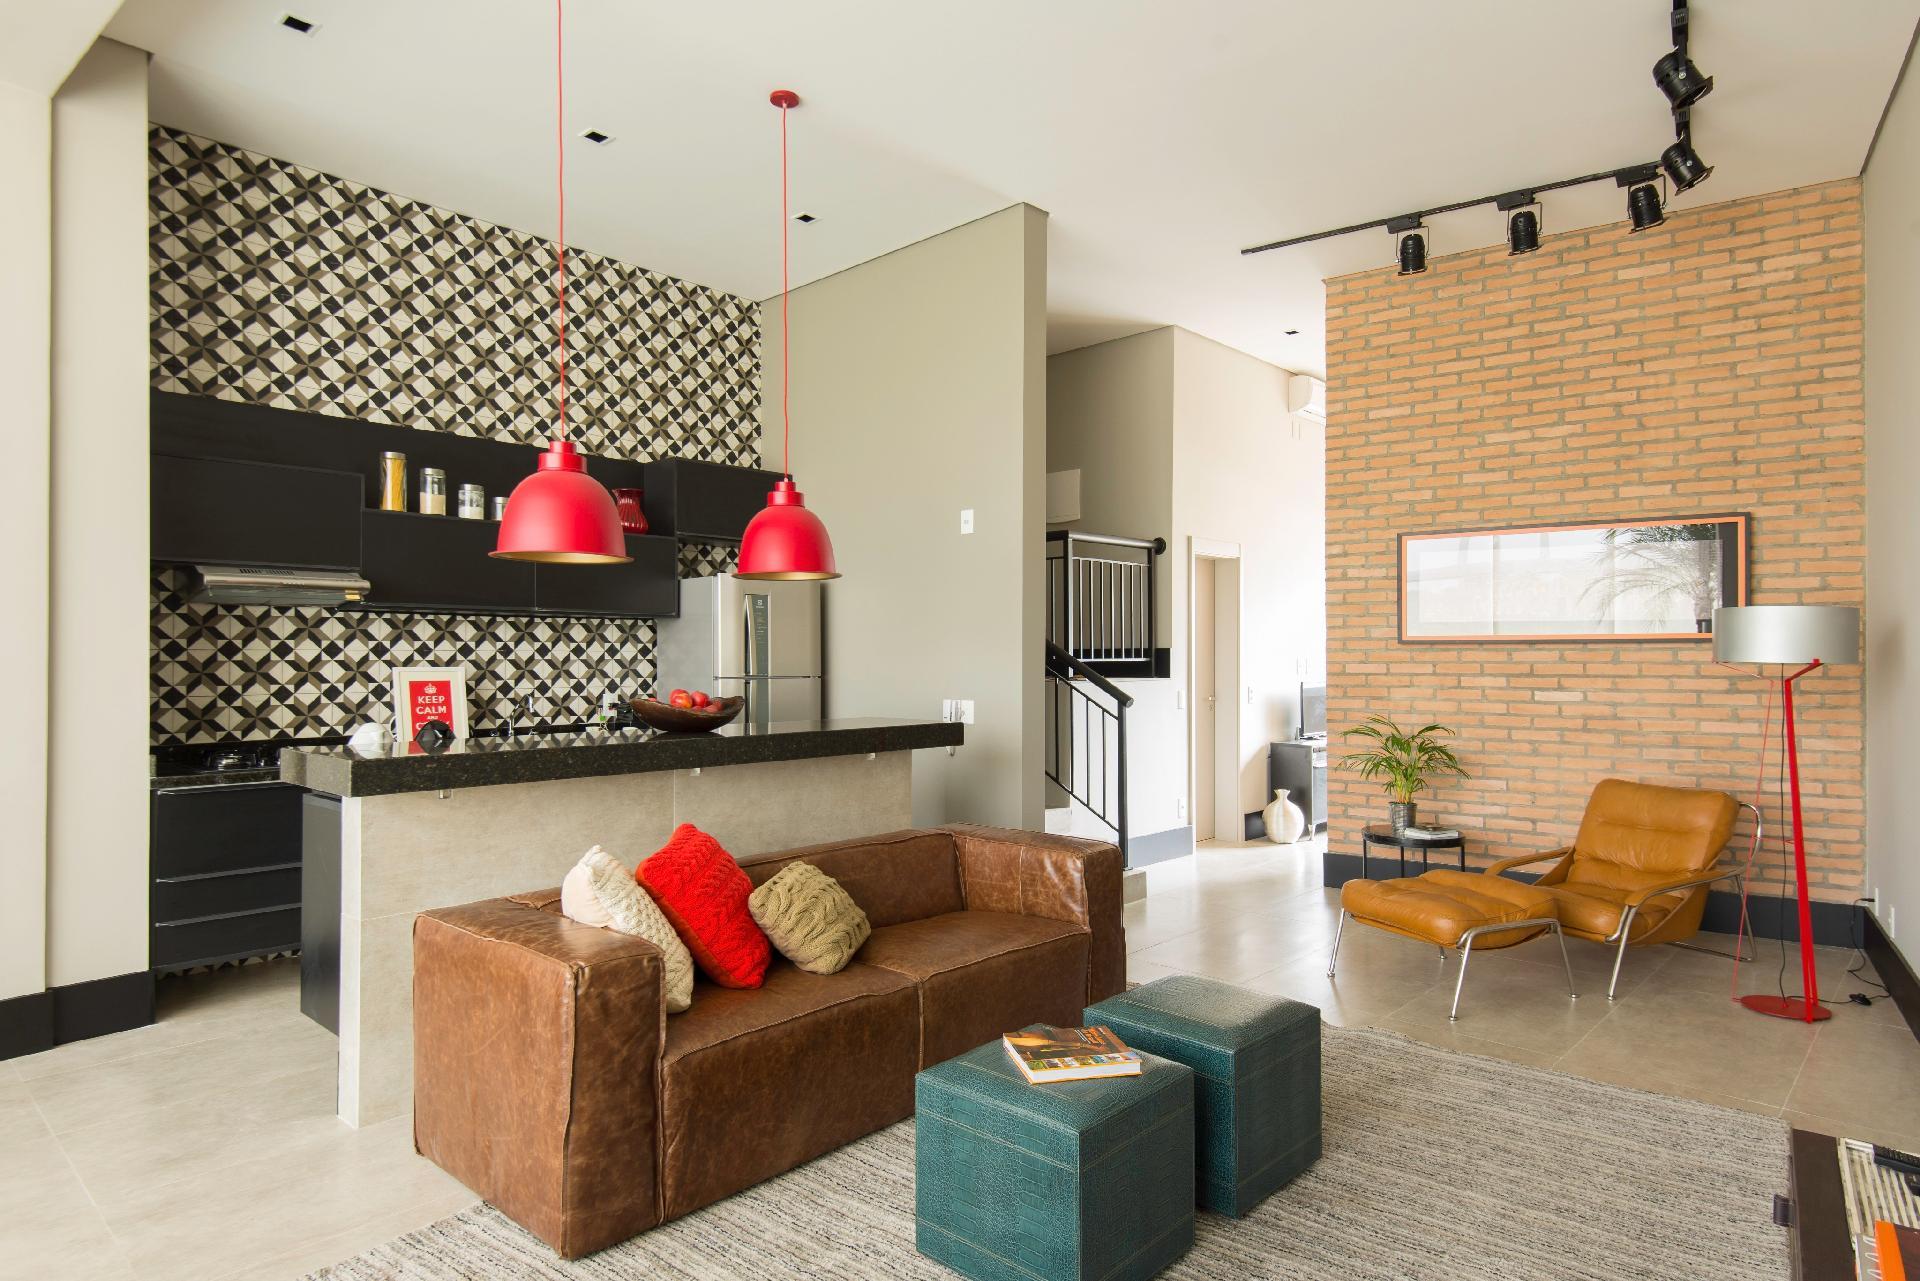 Salas de estar: sugestões para quem tem muito ou pouco espaço BOL  #B4171C 1920 1281